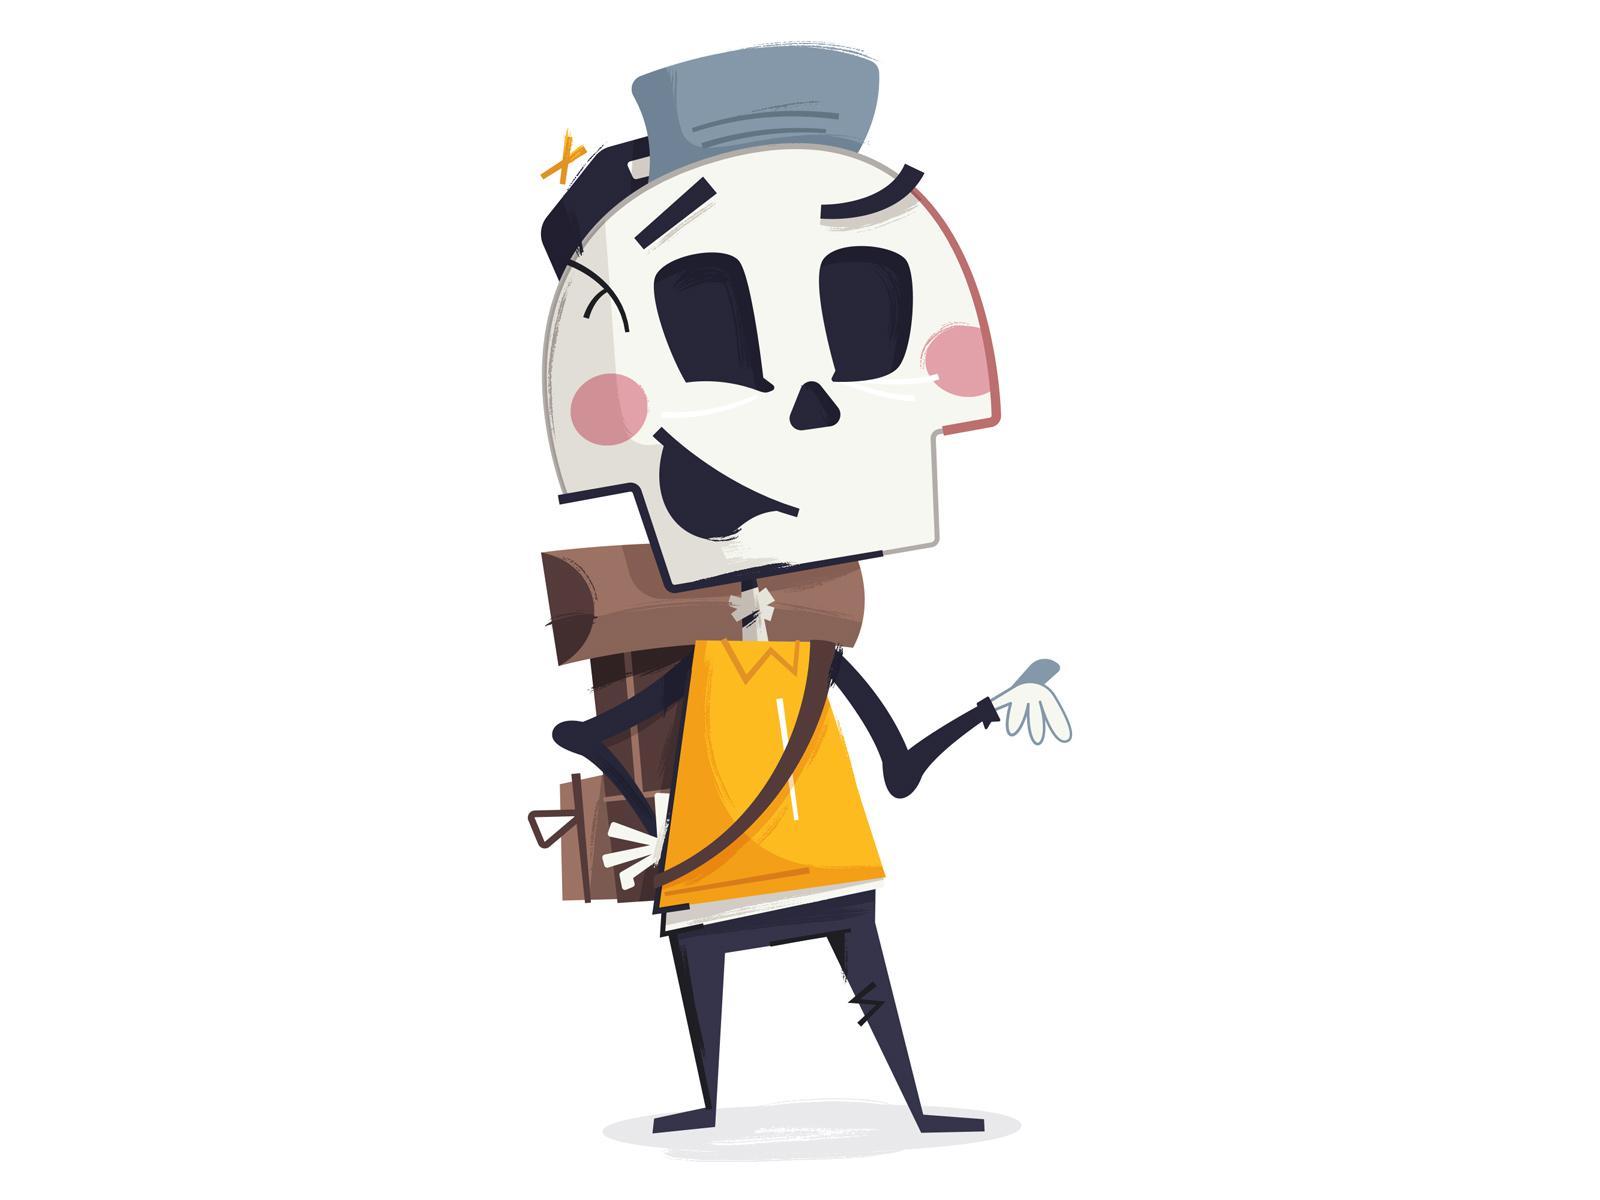 skully-final-character-kirkwallace.jpg